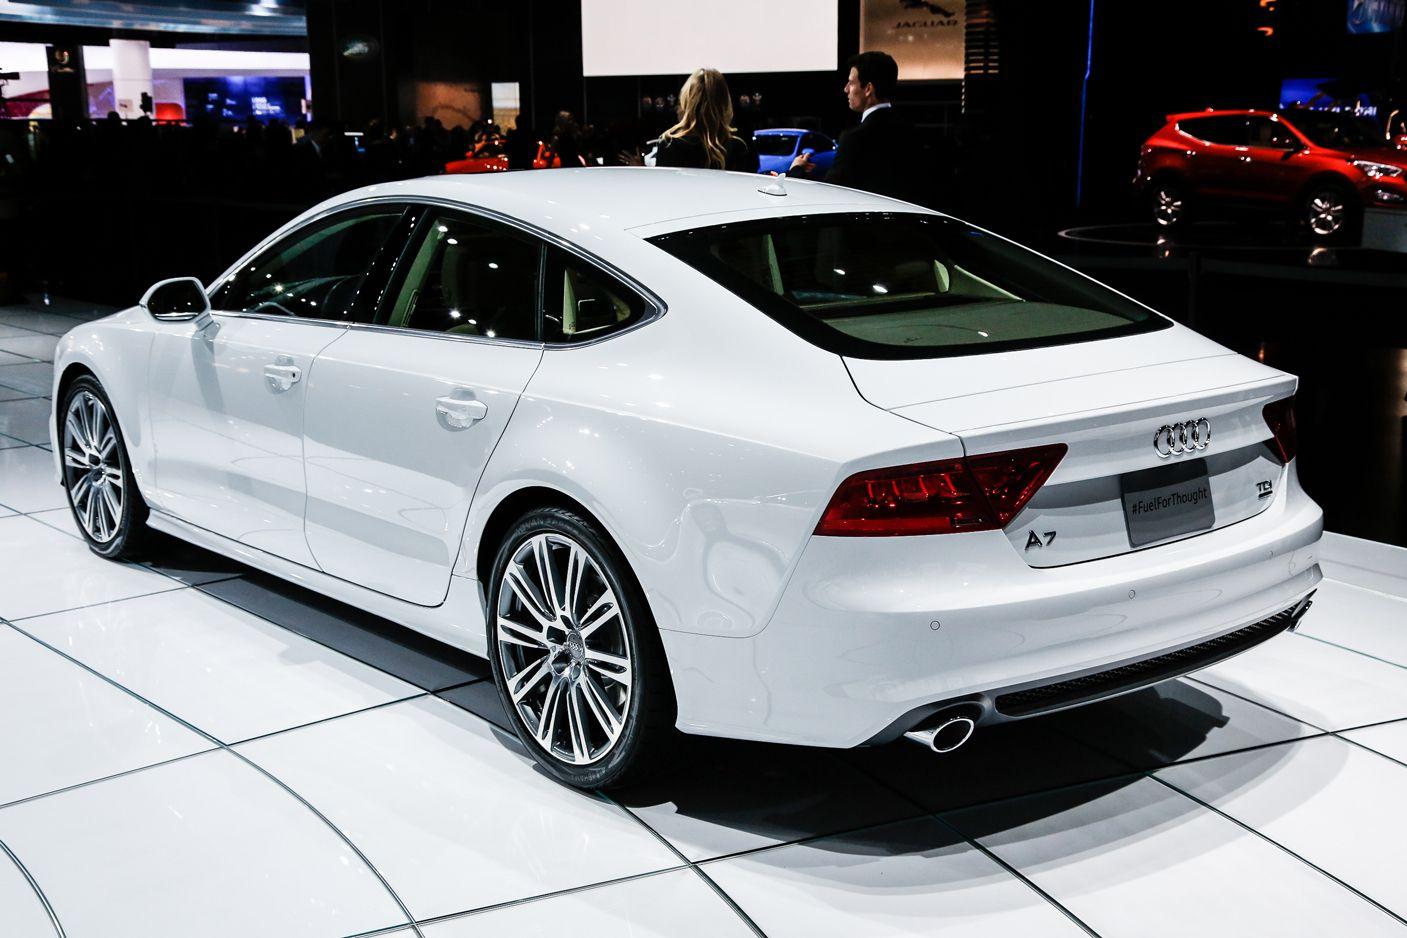 Kelebihan Audi A7 2014 Spesifikasi